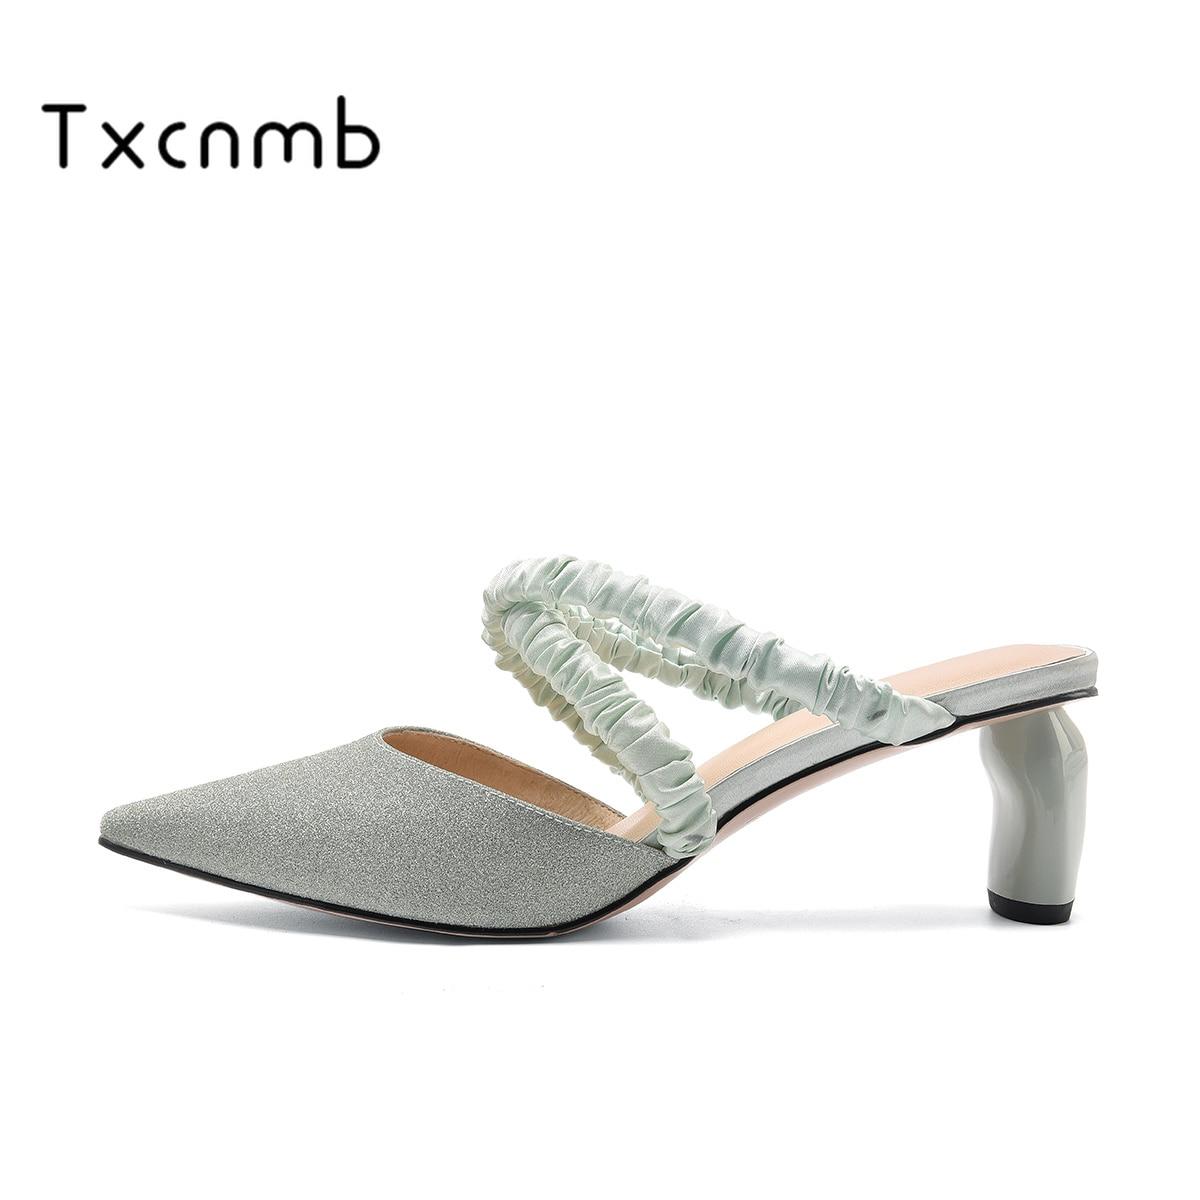 TXCNMB zapatos mujer 2020 moda Punk mujeres sandalias novedad de verano tacones altos zapatos para Club nocturno mujer clásica sólida estrecha banda zapatos